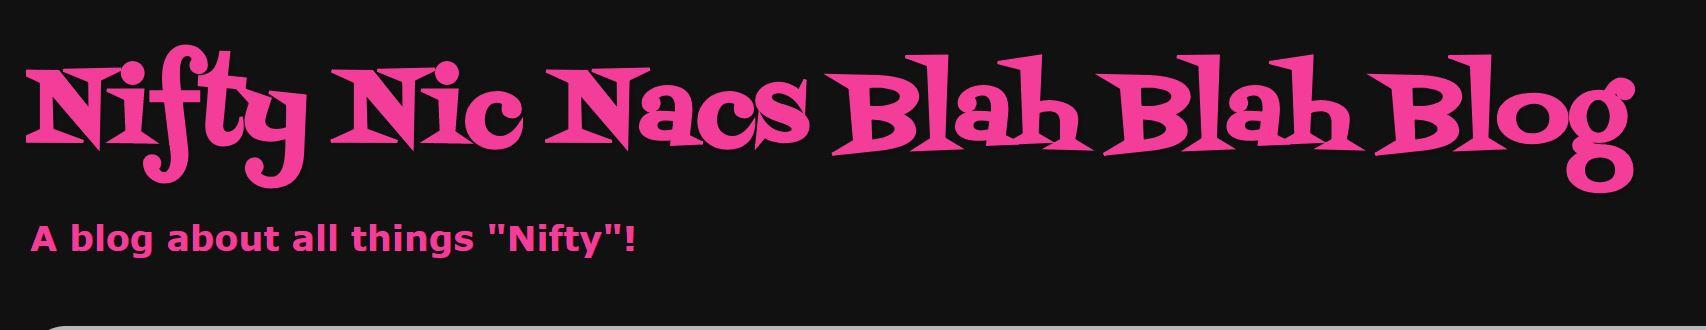 Nic Nac Blah Blah Blog